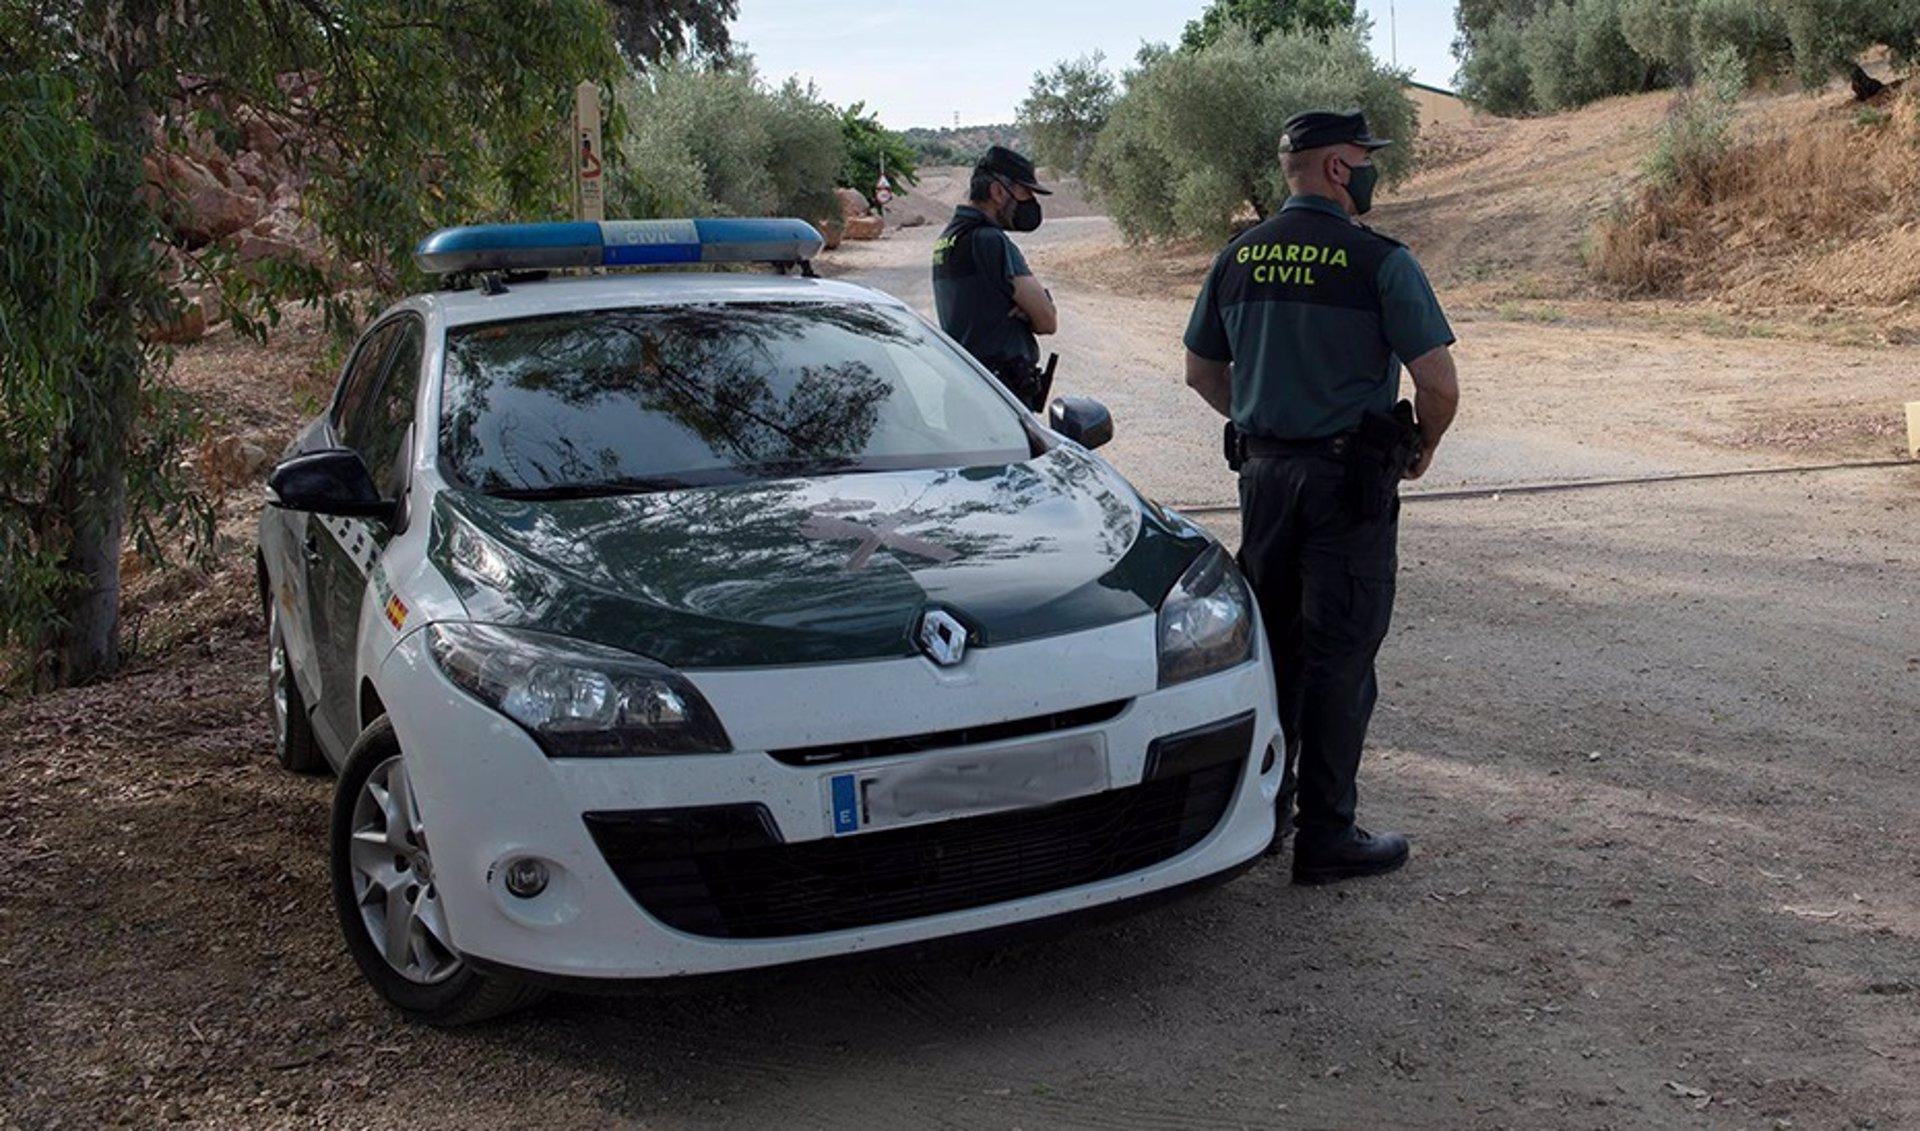 Investigado tras hacerse pasar por policía para robar un coche en la A-92, en Huétor Tájar